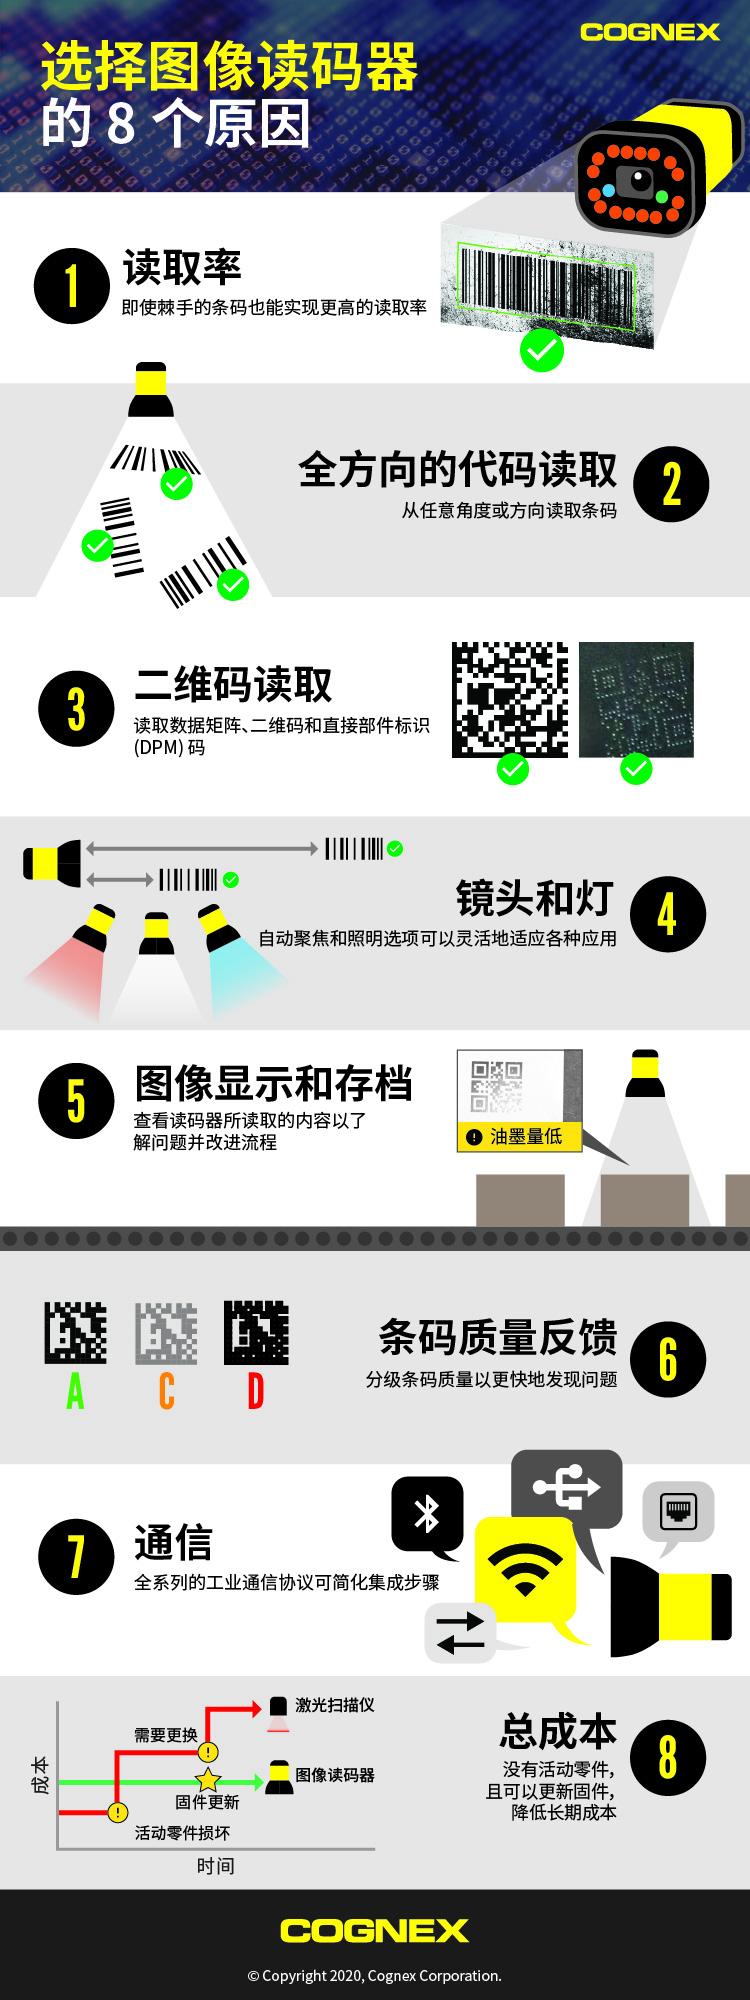 选择图像读码器的 8 个原因信息图